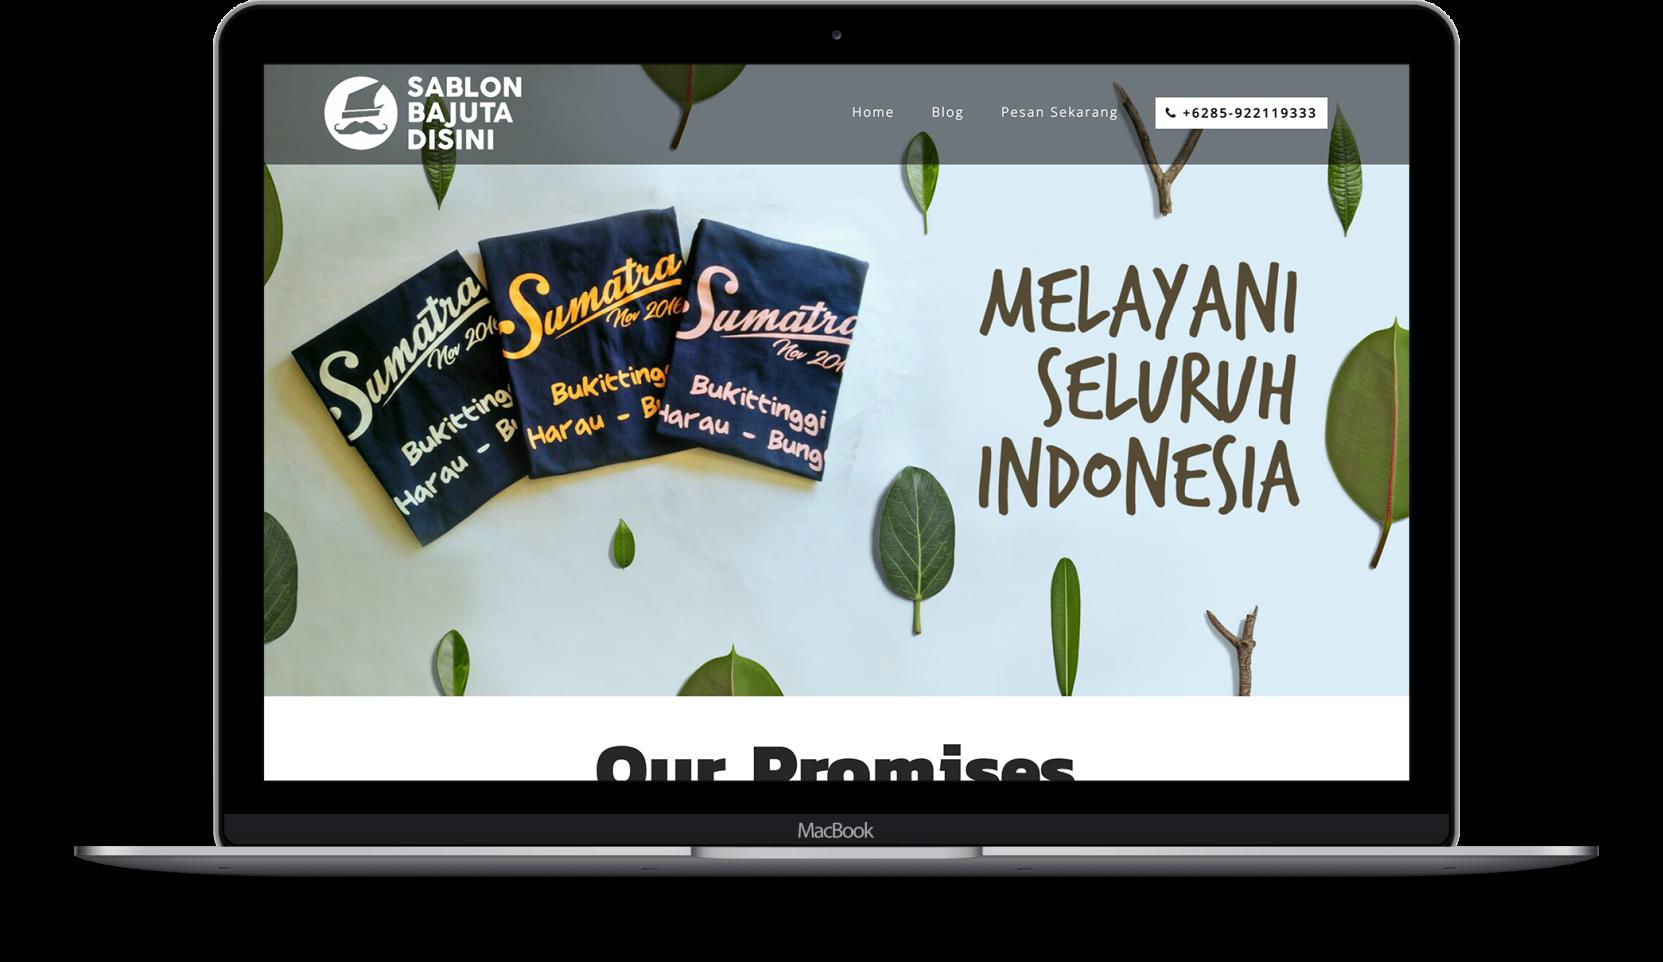 Website sablonbajumakassar.com designed by ozycozy.com